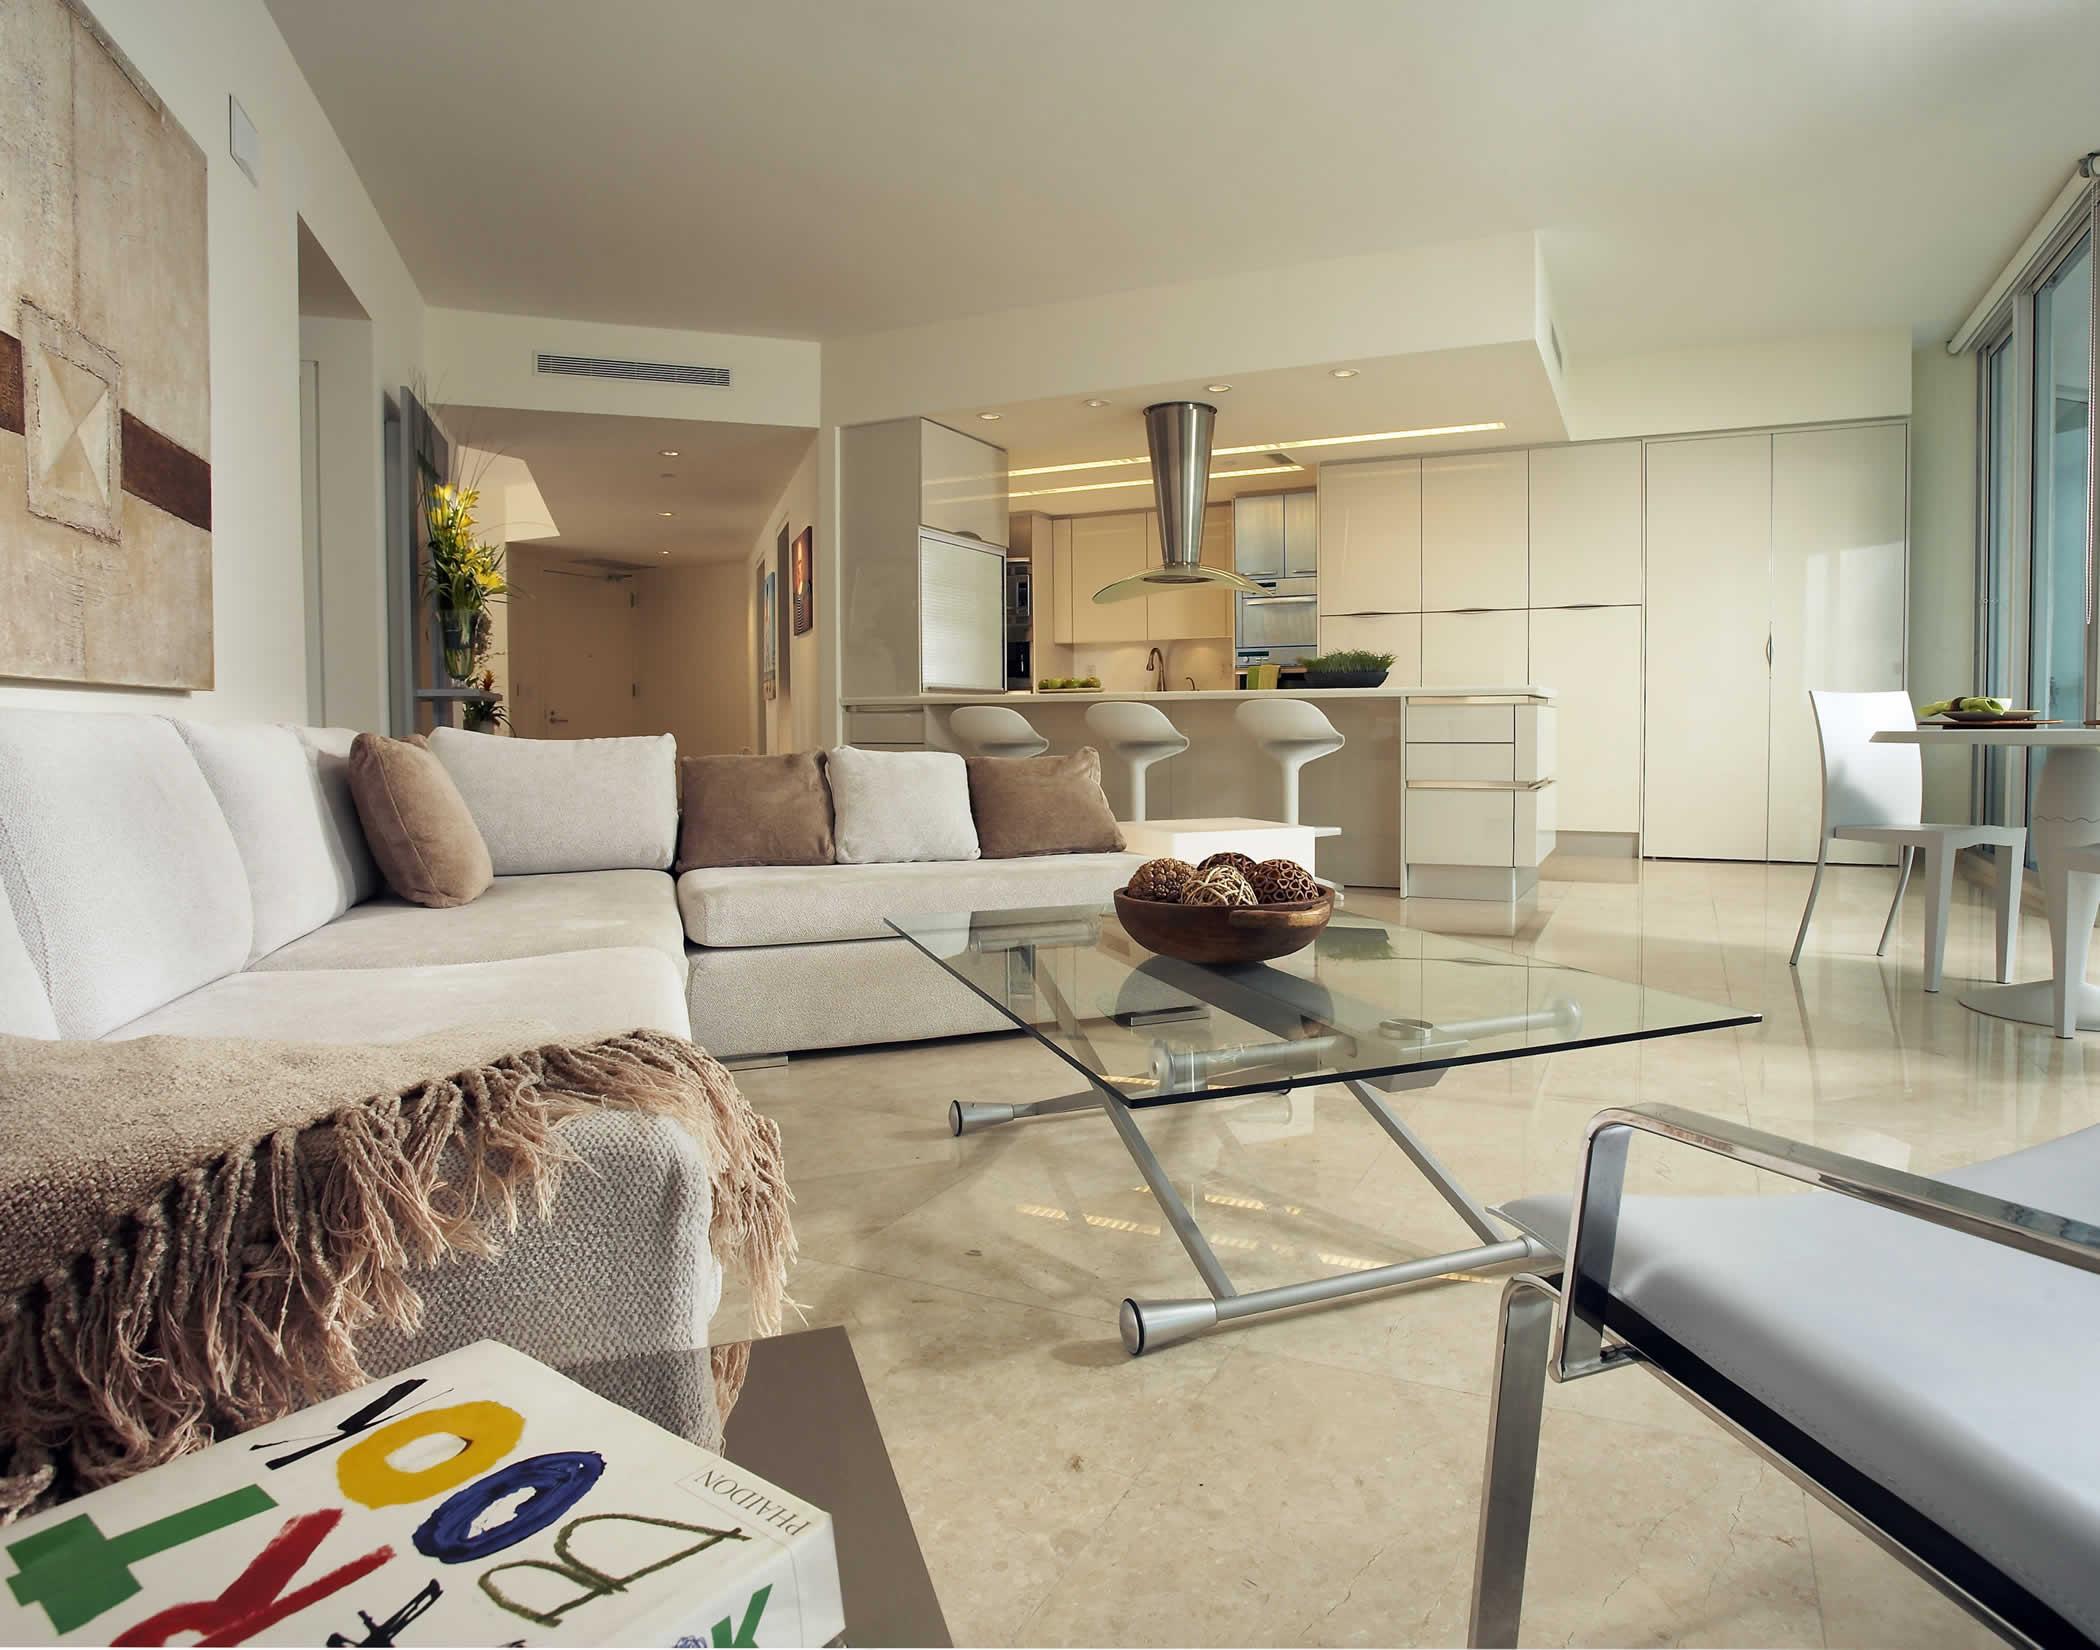 Departamento estilo contempor neo sunny isles florida for Disenos de departamentos minimalistas